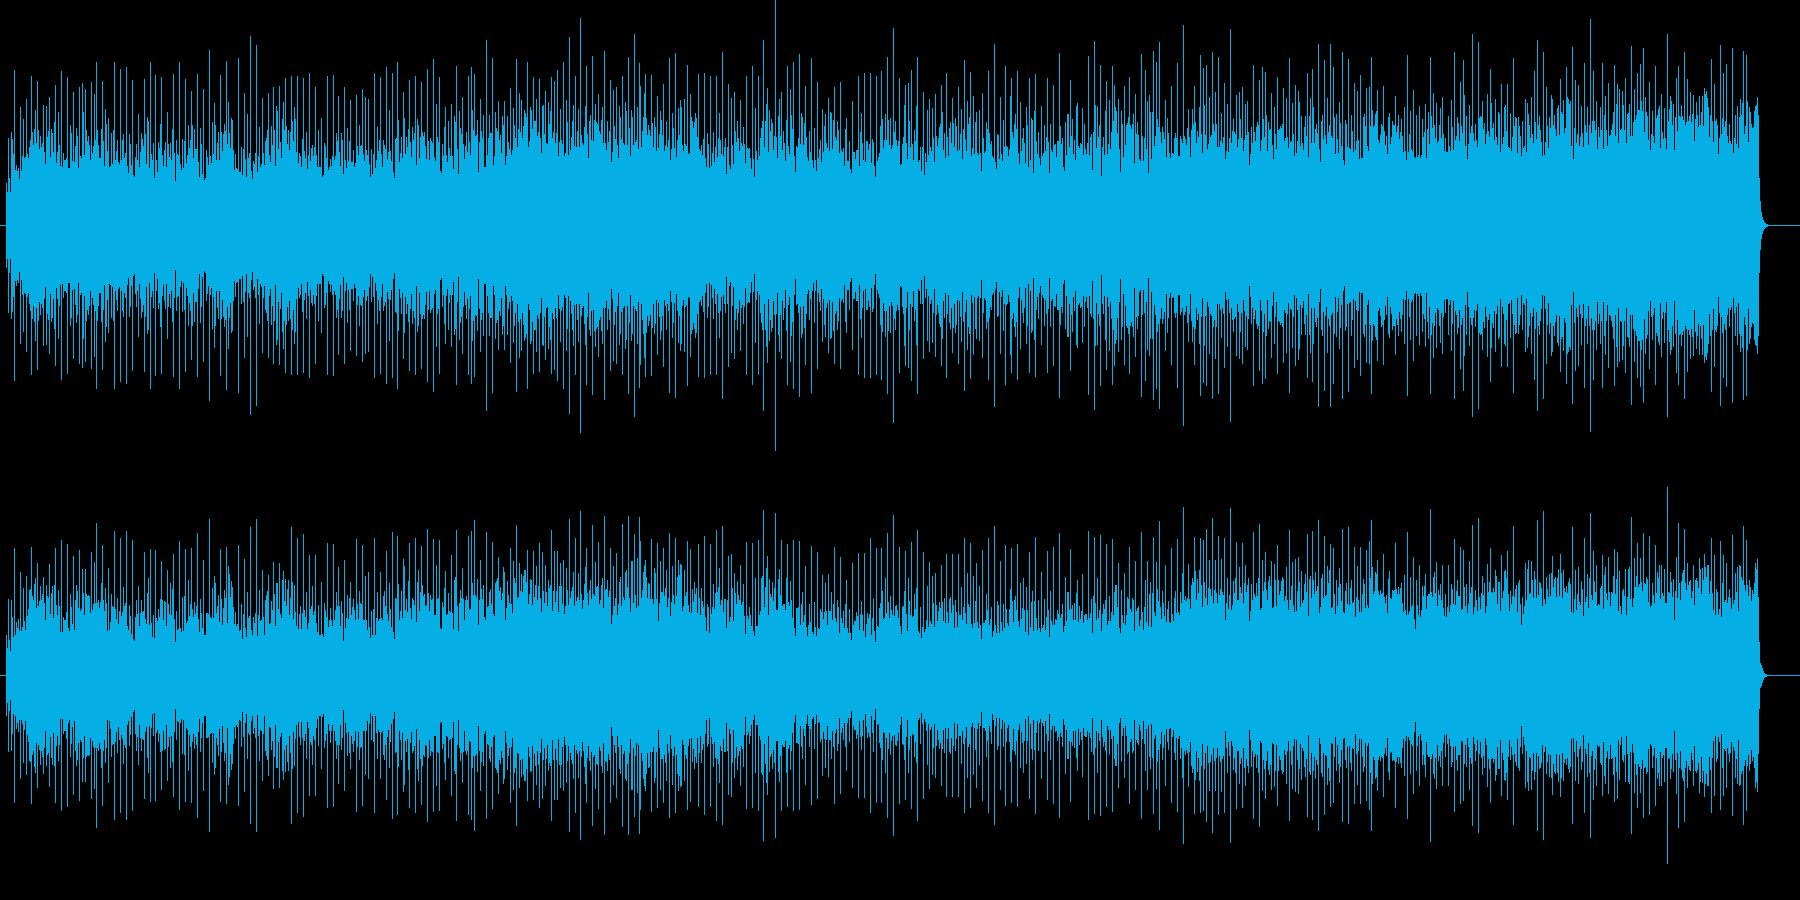 アップ・テンポな歌謡ポップ・ロックの再生済みの波形